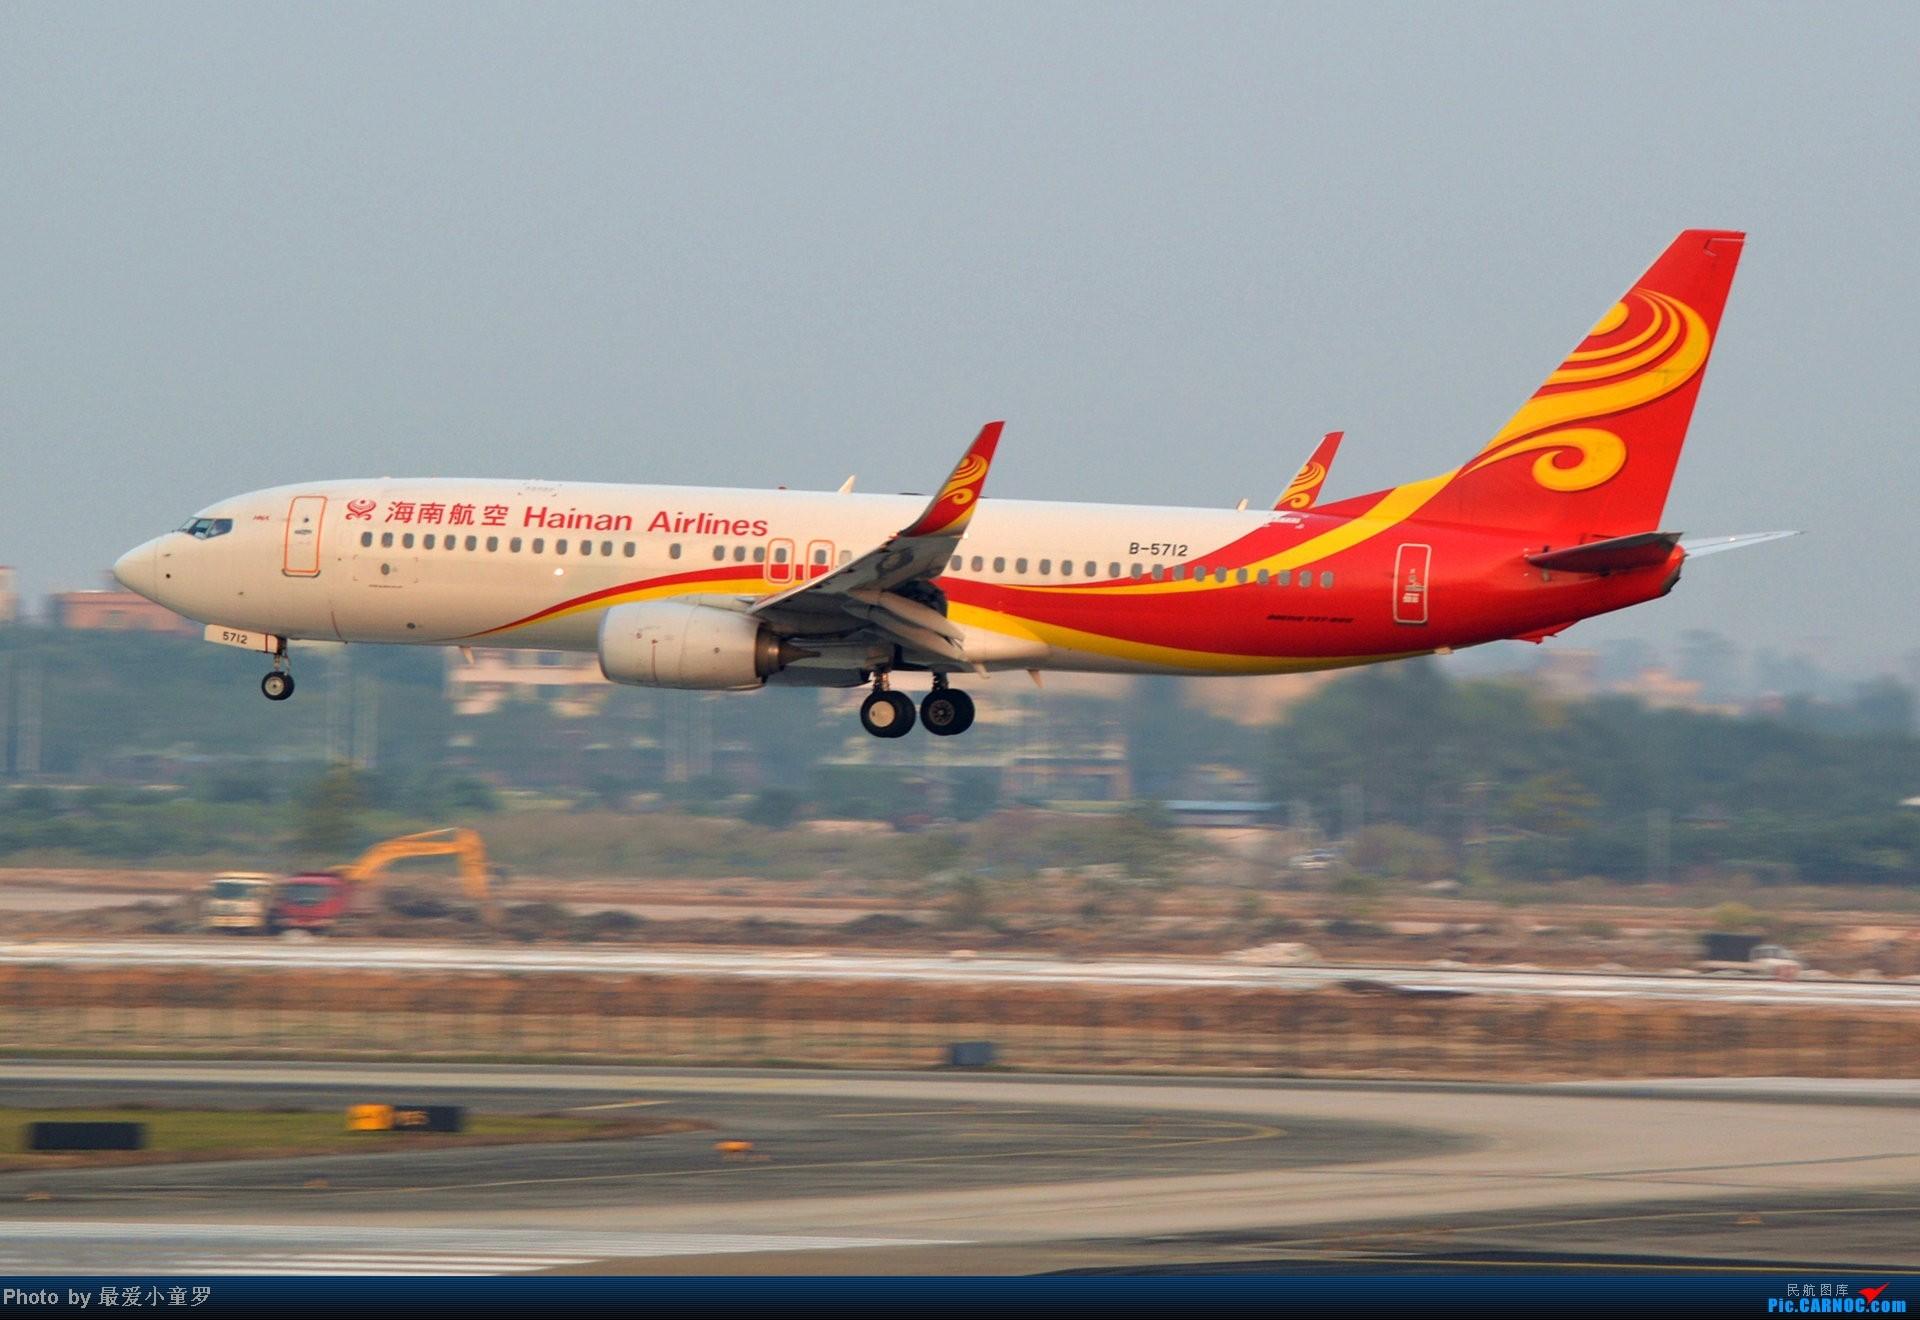 Re:[原创]好天拍机,去年12月21日广州消防塔拍机 BOEING 737-800 B-5712 中国广州白云机场